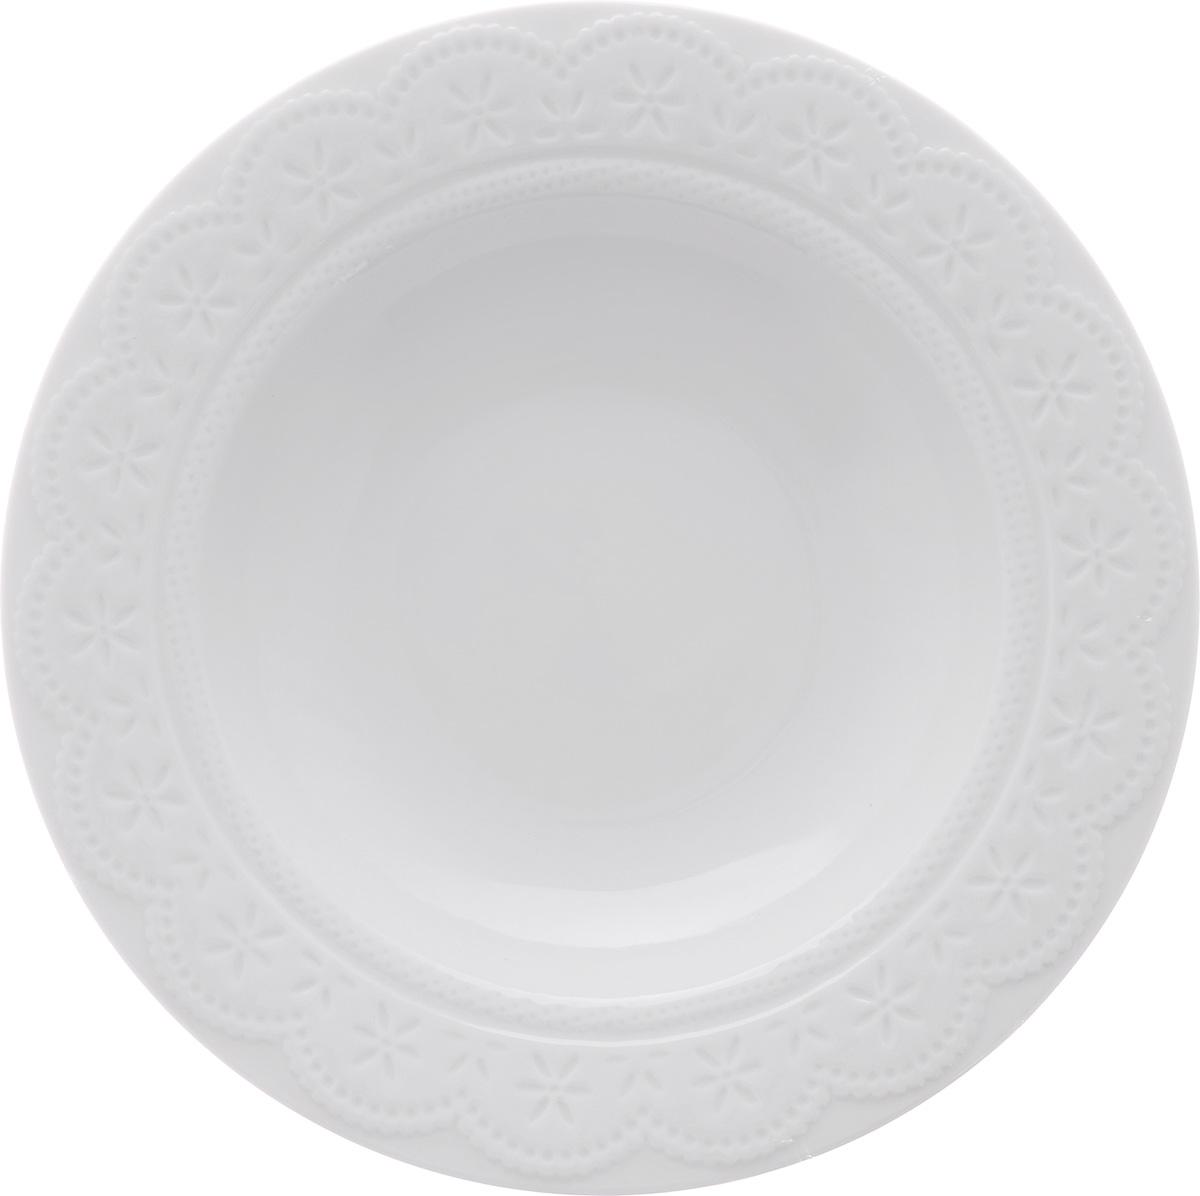 Тарелка суповая Walmer Charlotte, цвет: белый, диаметр 22 смVT-1520(SR)Суповая тарелка Walmer Charlotte, выполненная из высококачественного фарфора, декорирована рельефным орнаментом. Изящный дизайн придется по вкусу и ценителям классики, и тем, кто предпочитает утонченность. Суповая тарелка Walmer Charlotte, идеально подойдет для сервировки стола и станет отличным подарком к любому празднику.Можно использовать в микроволновой печи и мыть в посудомоечных машинах.